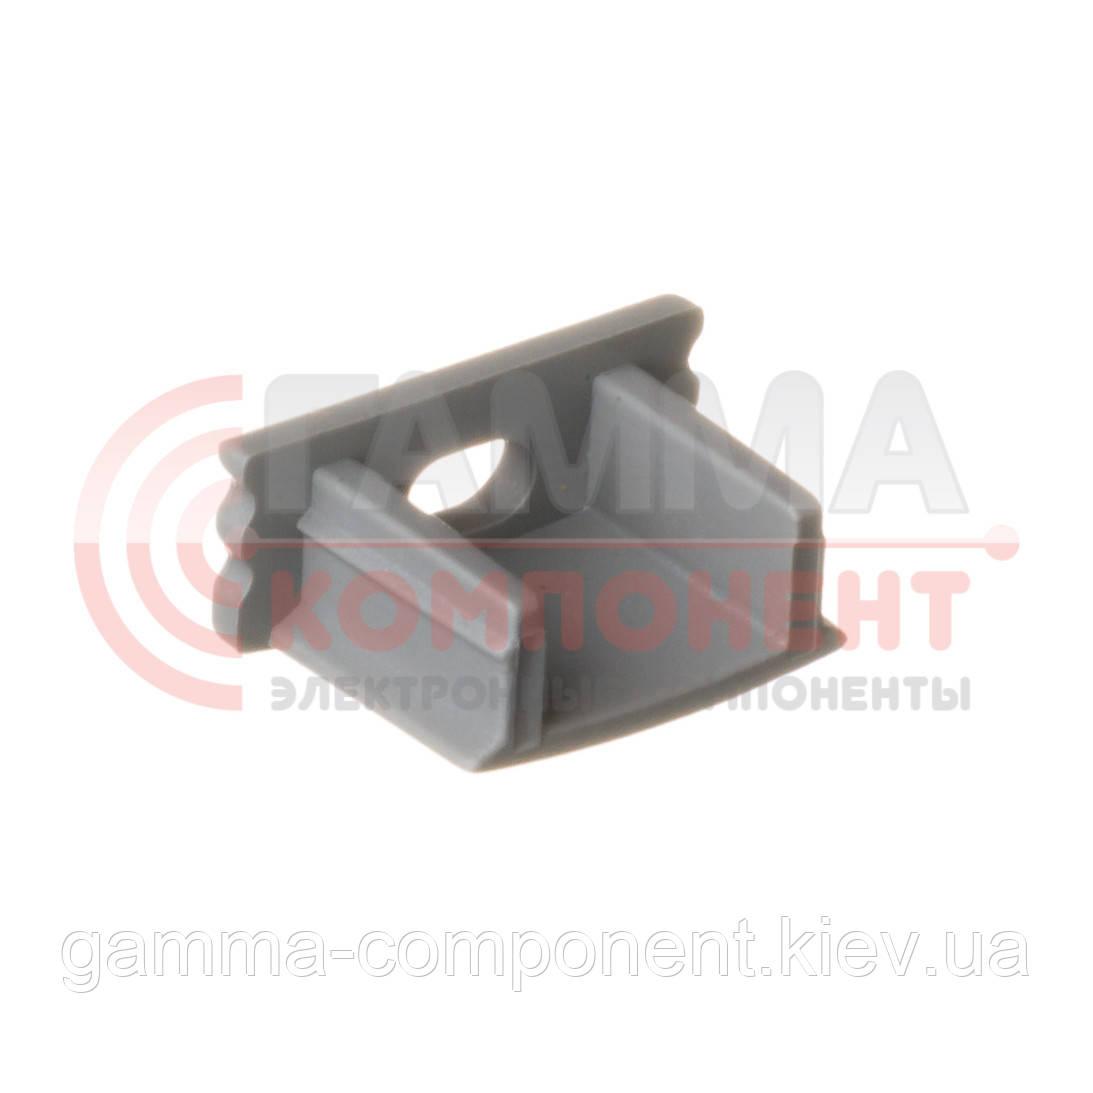 Заглушка для алюмінієвого профілю ПФ-1 з отвором